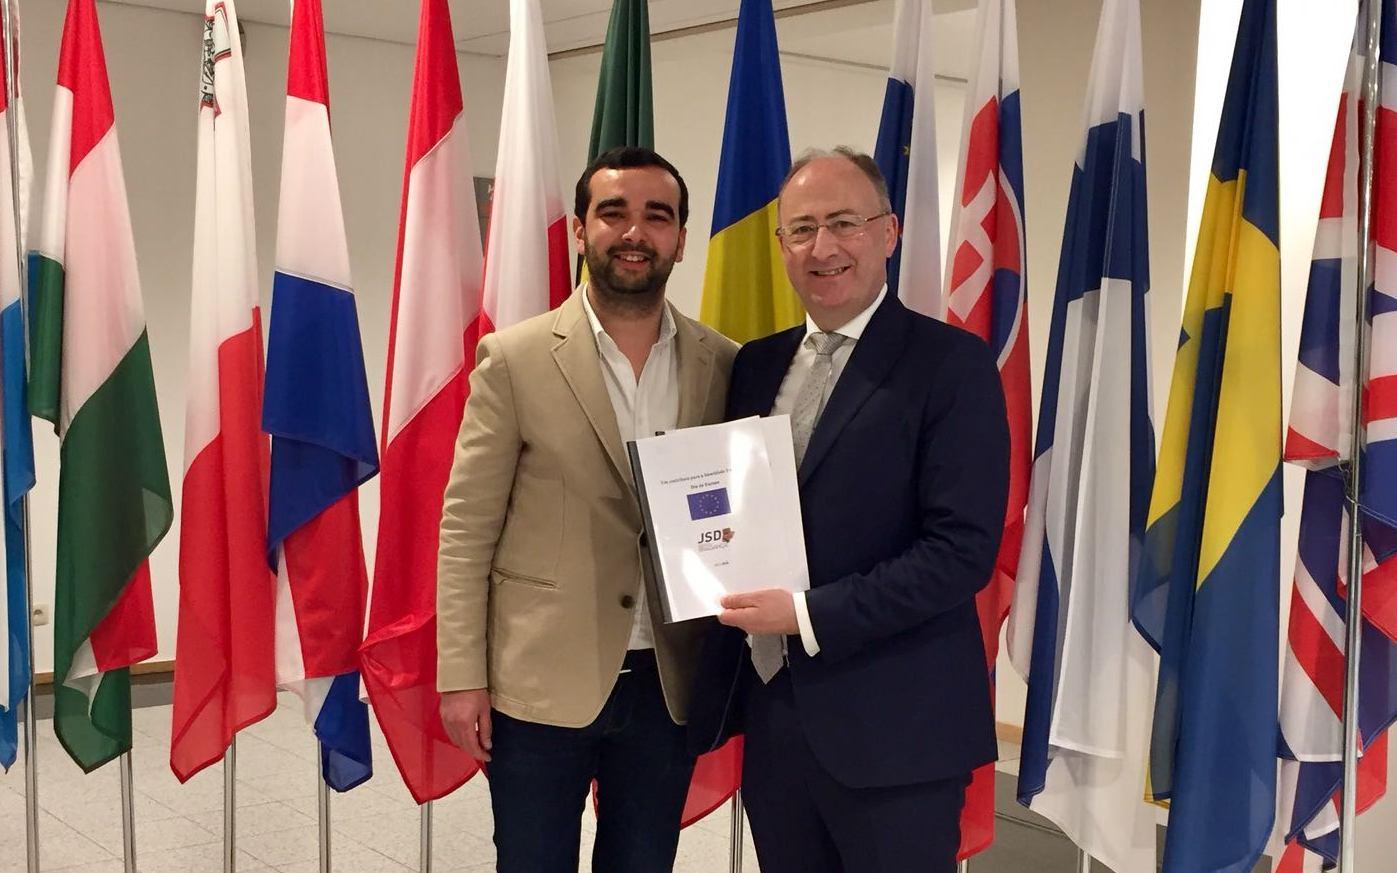 JSD Distrital propõe criação do primeiro Feriado da Europa